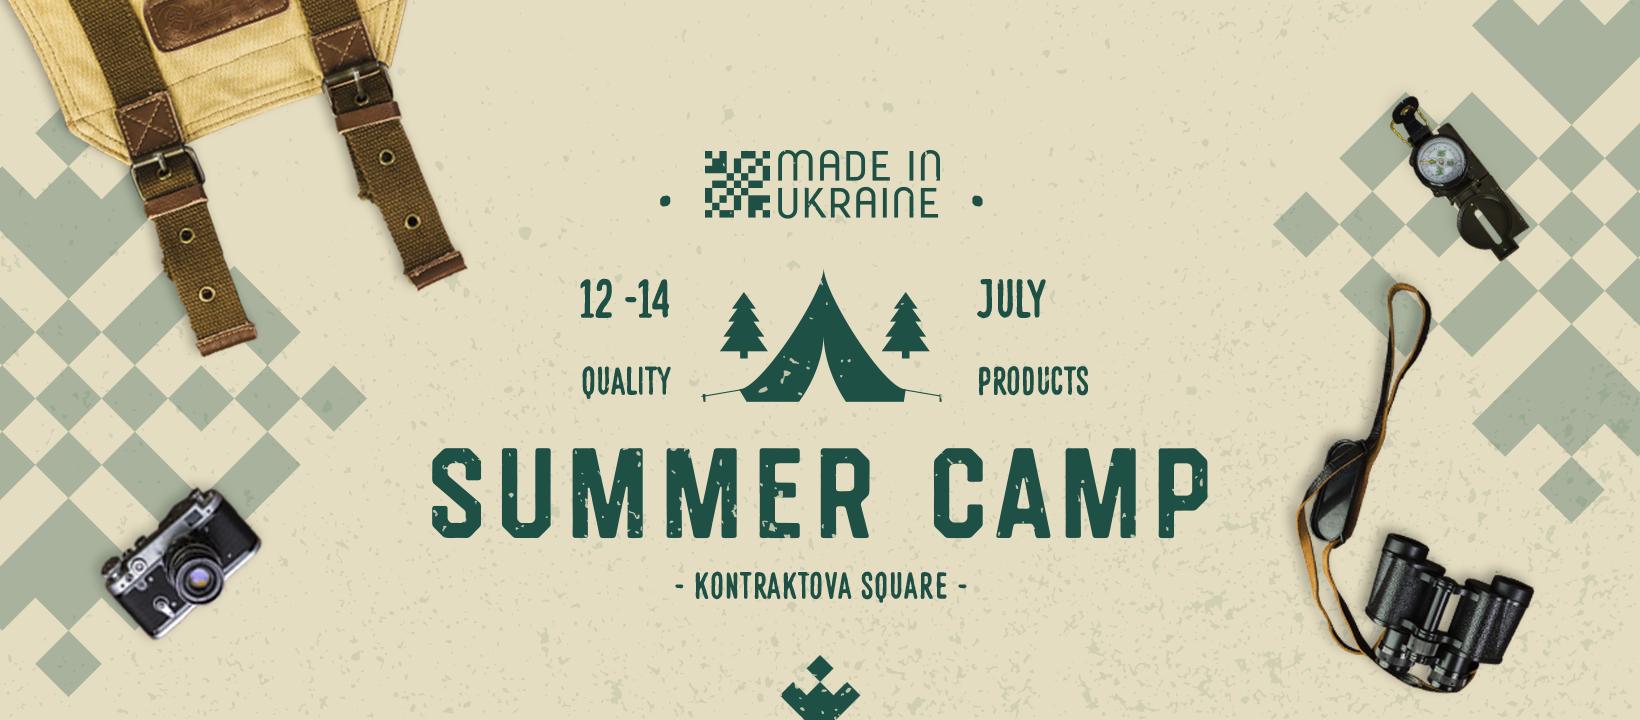 Новый фестиваль Made in Ukraine Summer Camp - это возможность окунуться в атмосферу настоящего лета и вспомнить детство